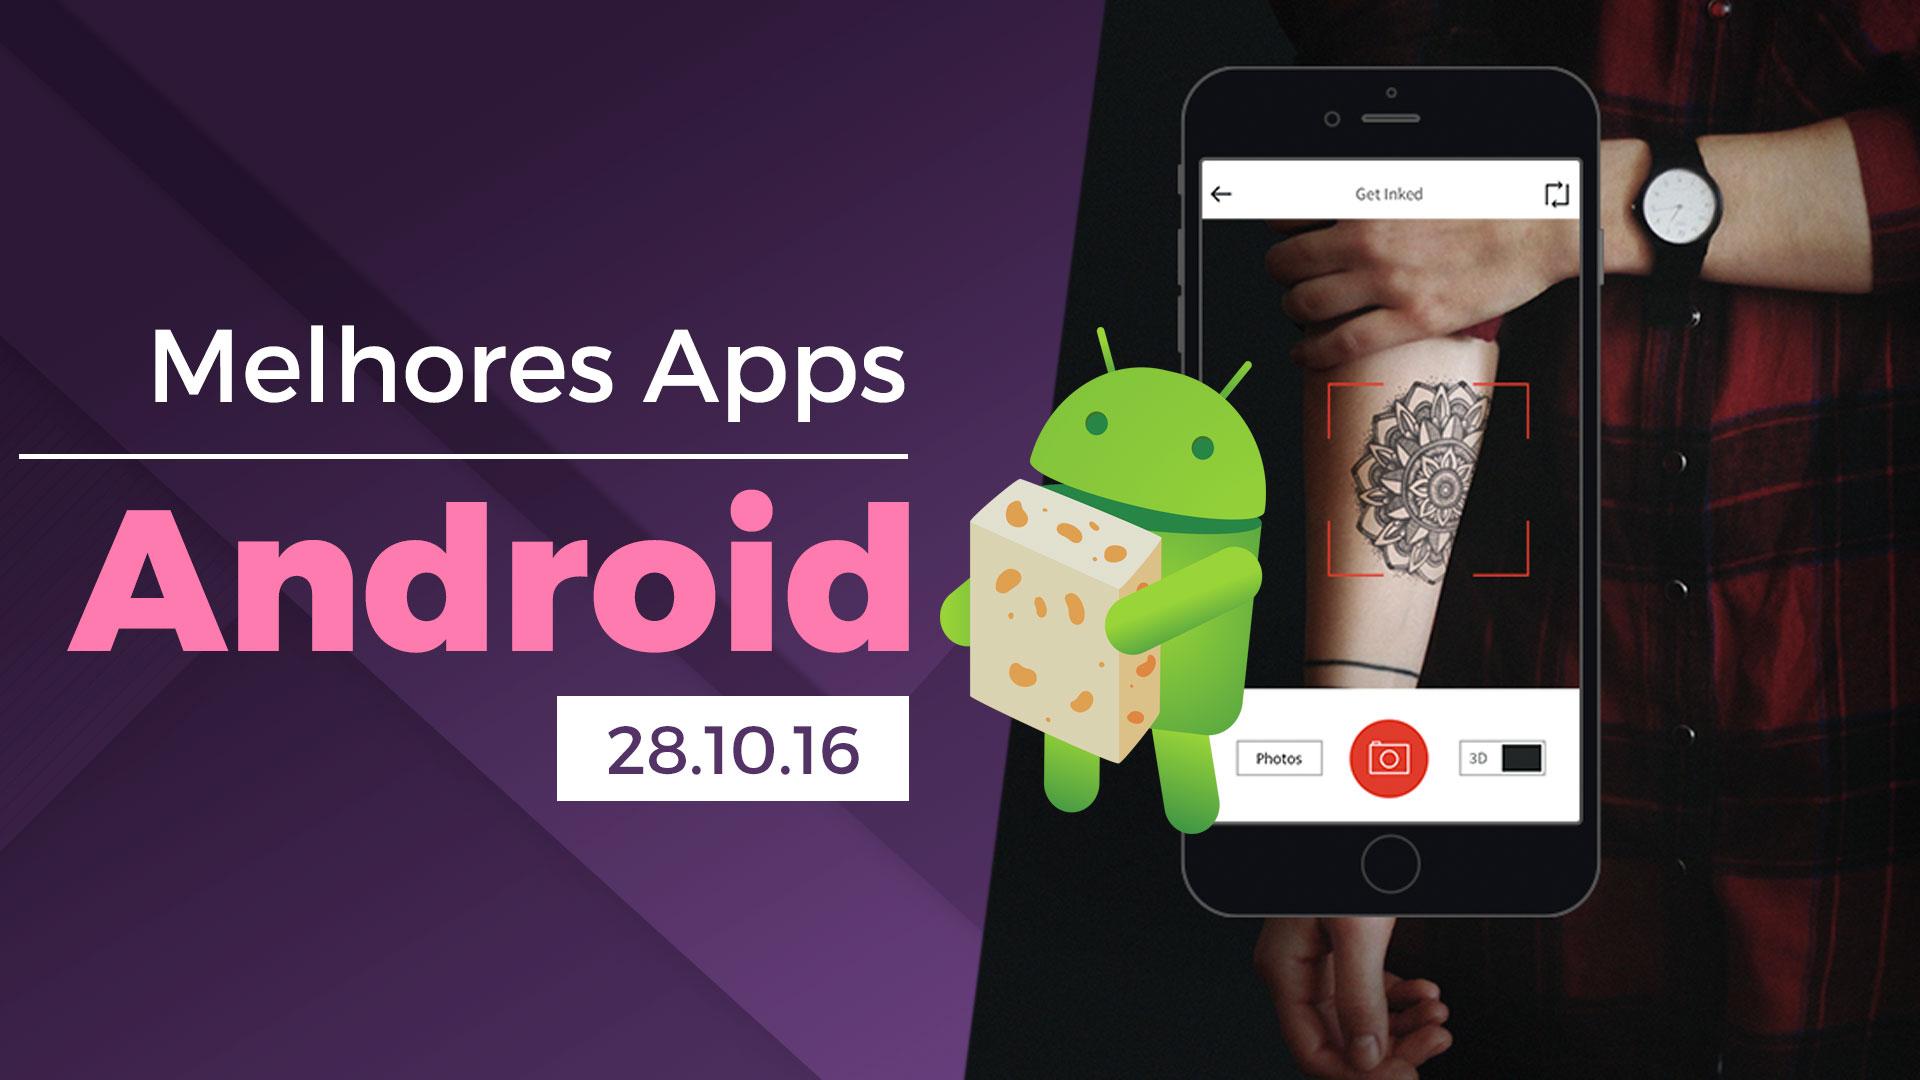 Melhores apps para Android: 28/10/2016 [vídeo]